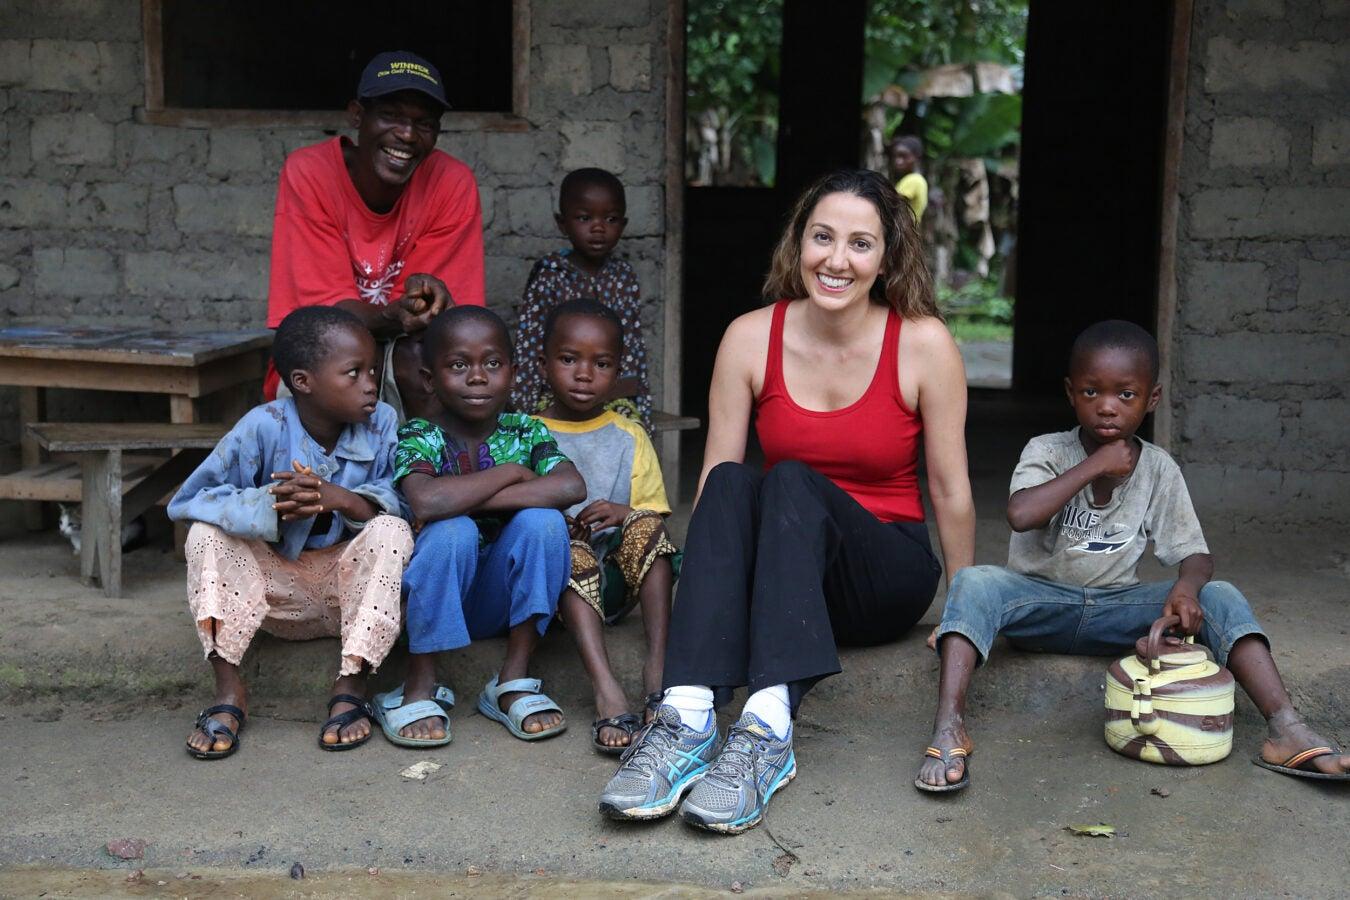 Sabeti with children in Sierra Leone.